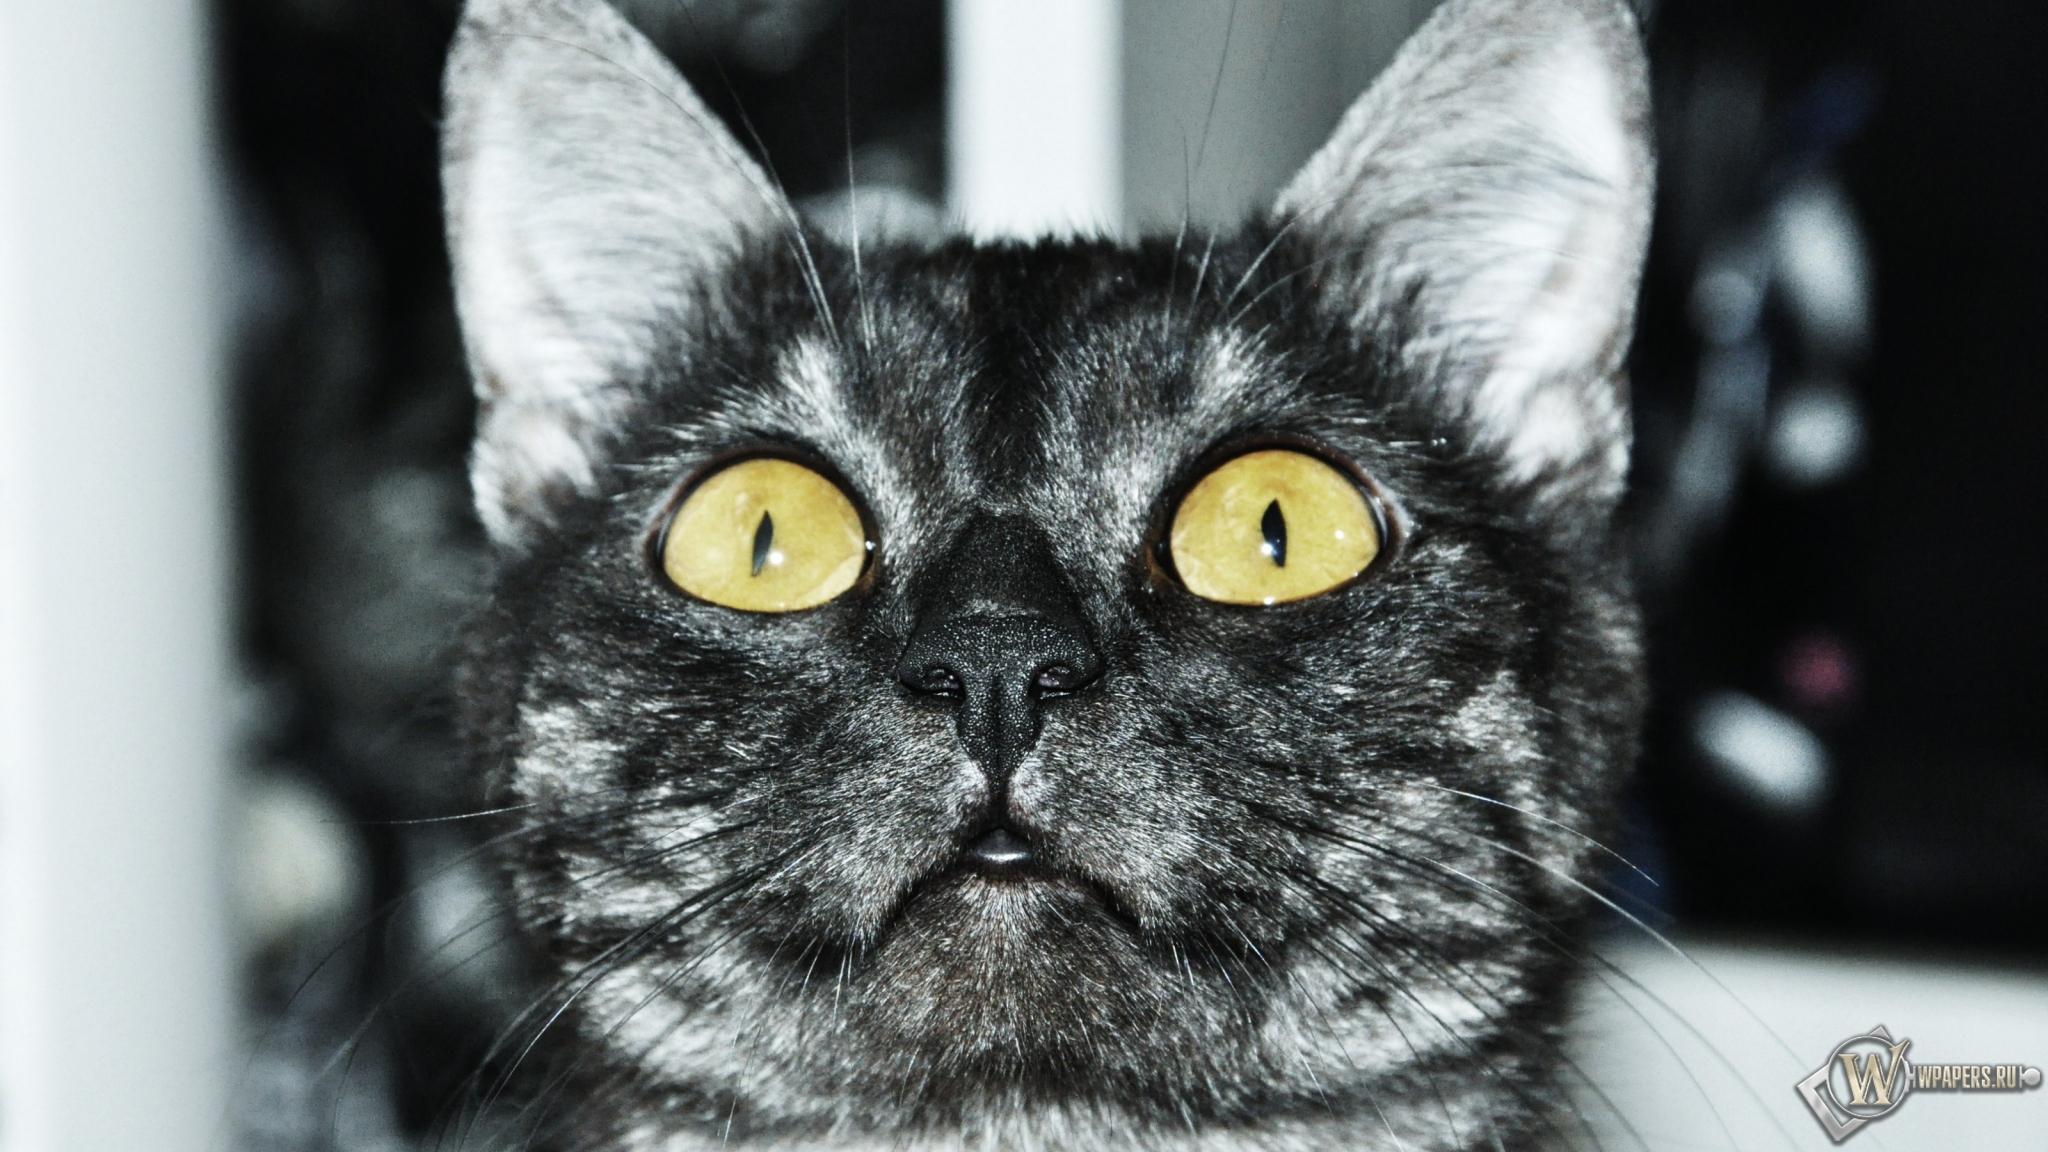 Кот смотрит вверх 2048x1152